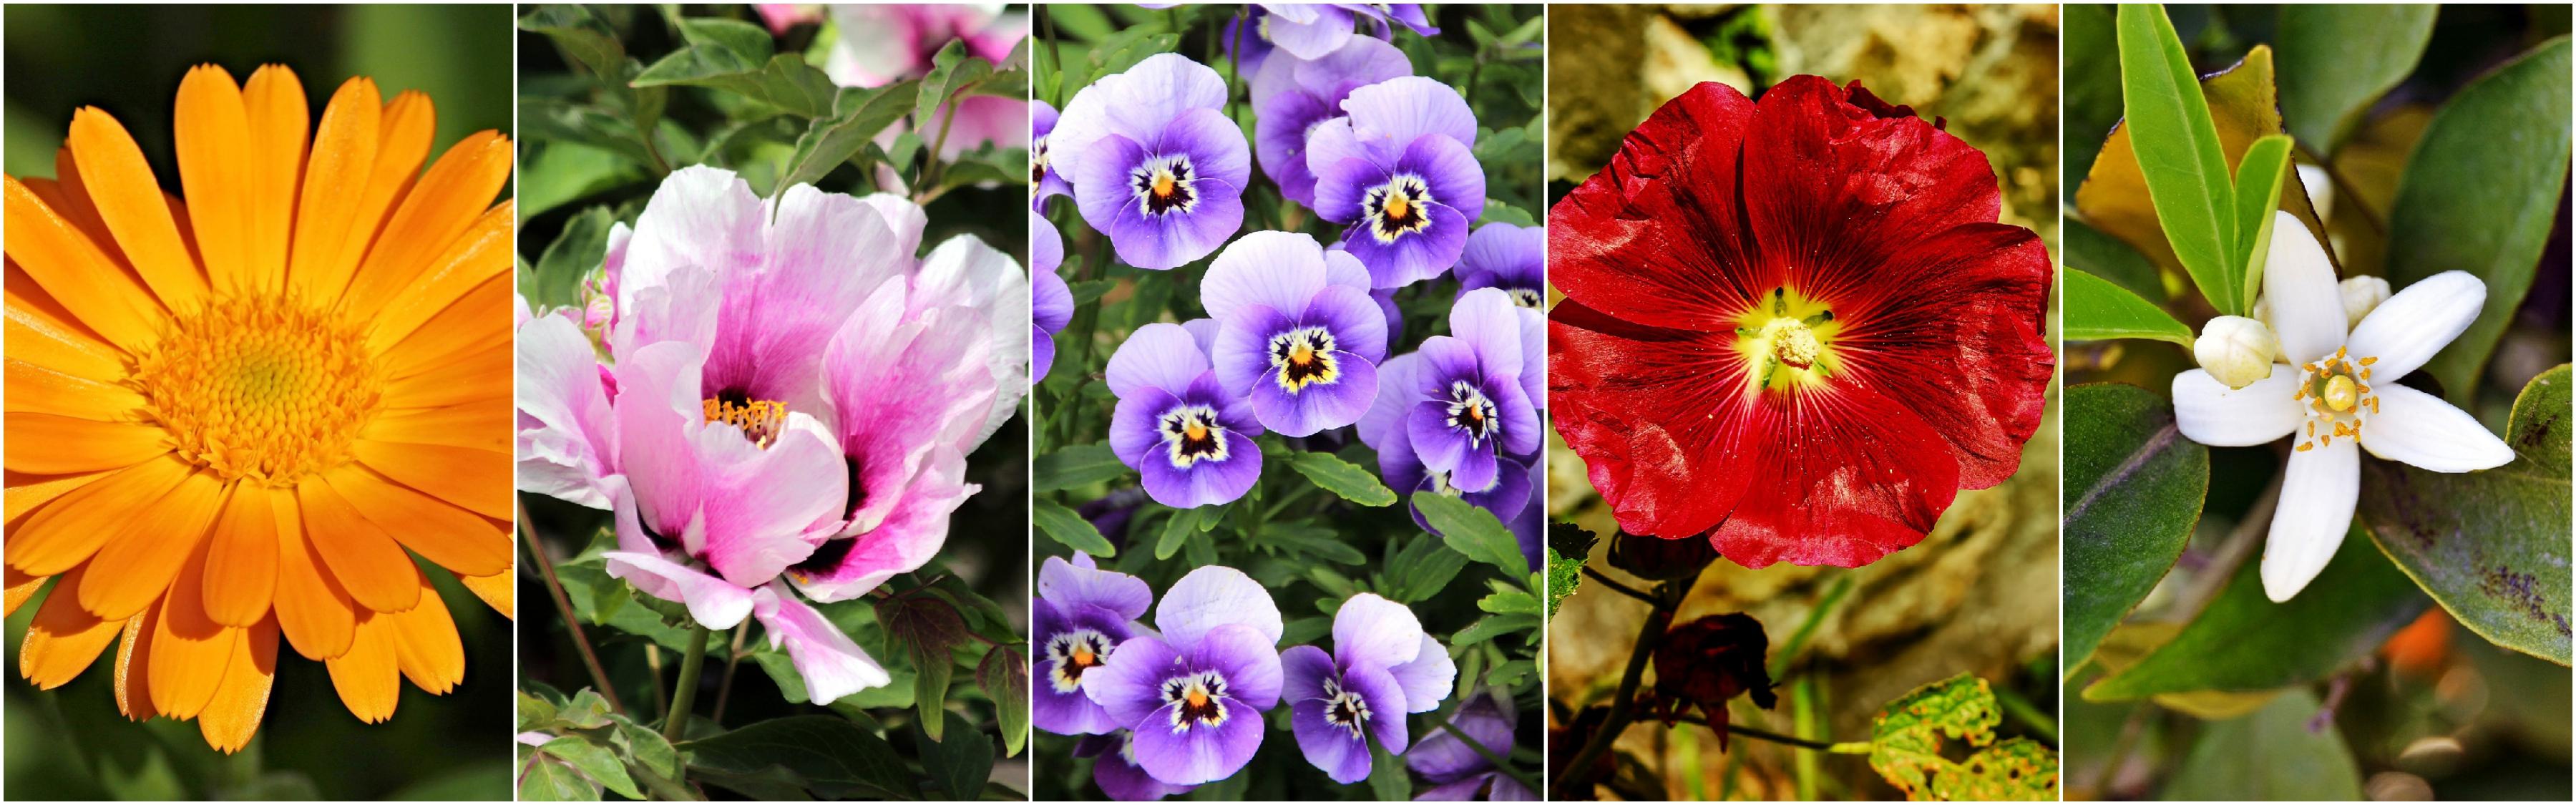 nowoczesne wyciągi z kwiatów to hit w kosmetyce